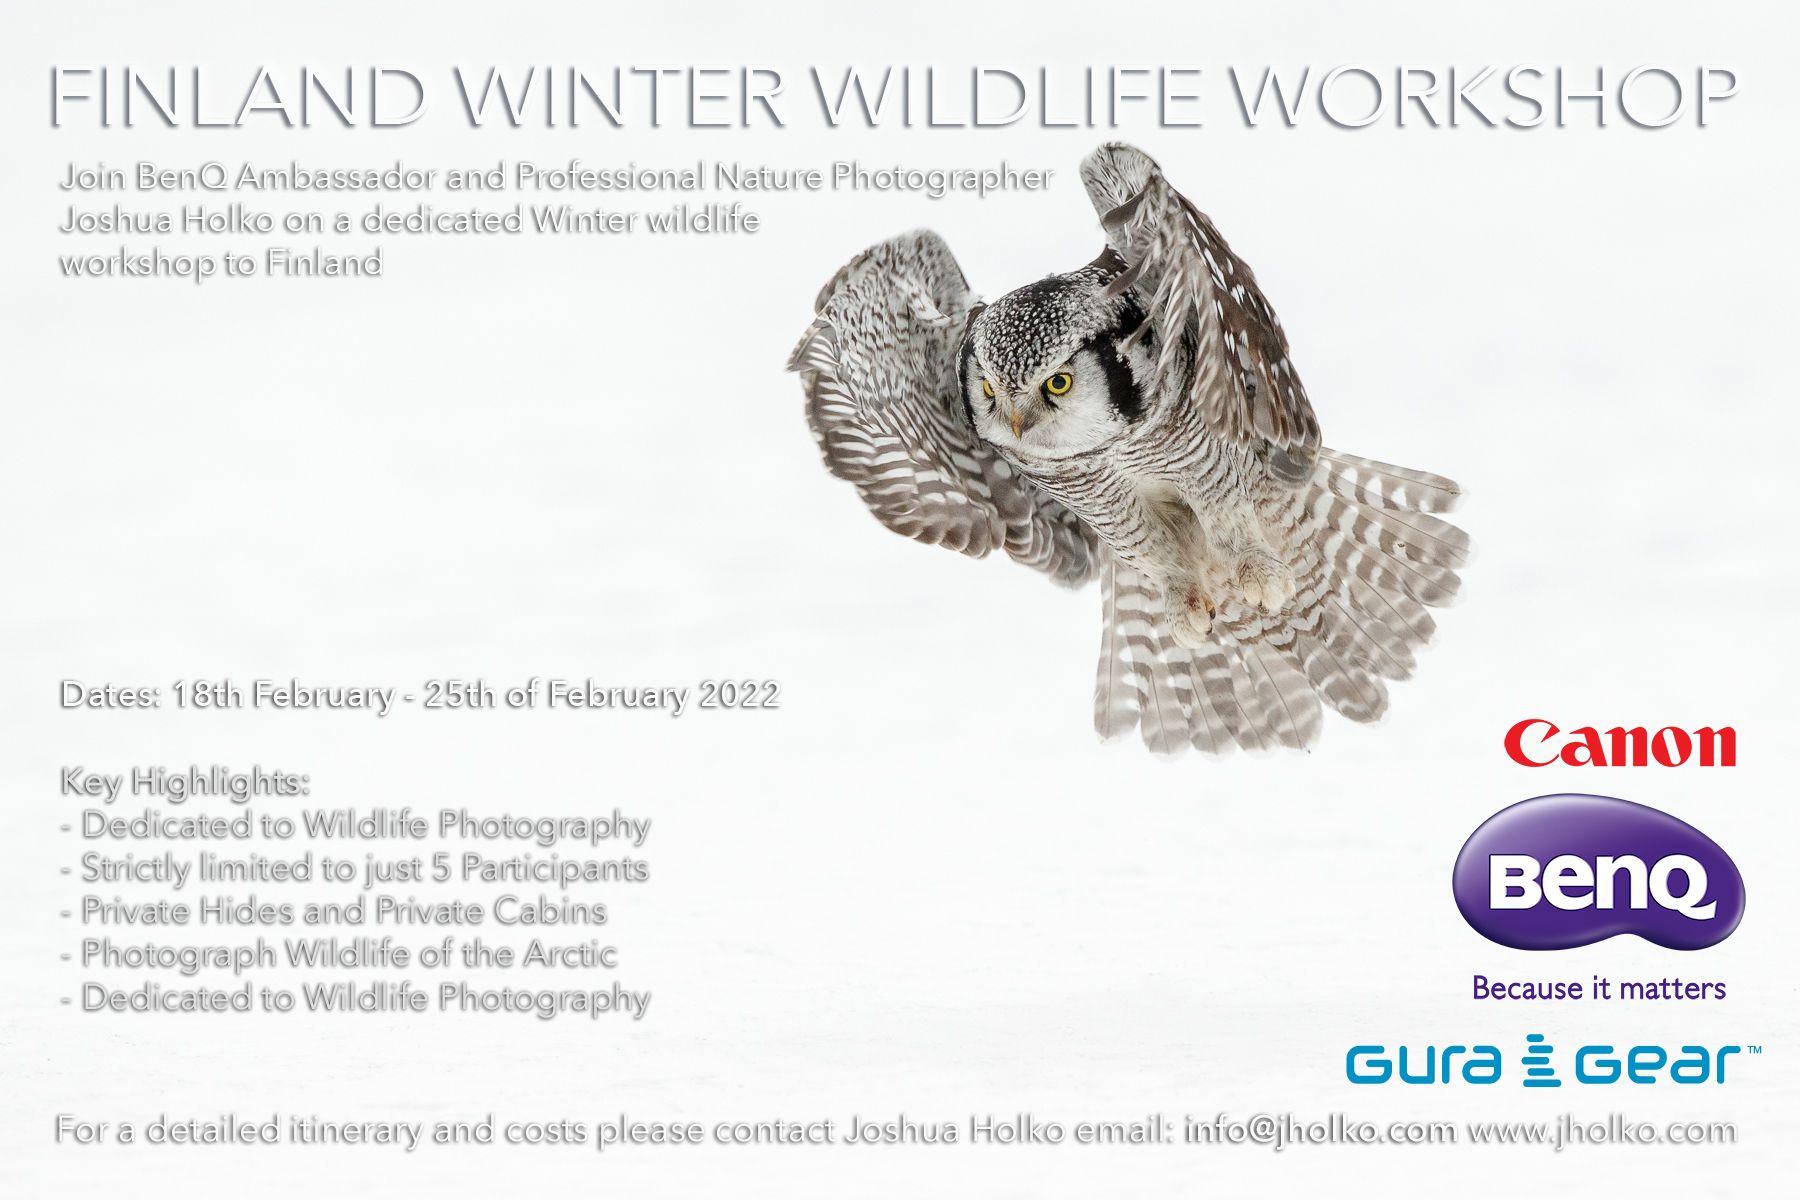 Finland Winter Workshop with Joshua Holko